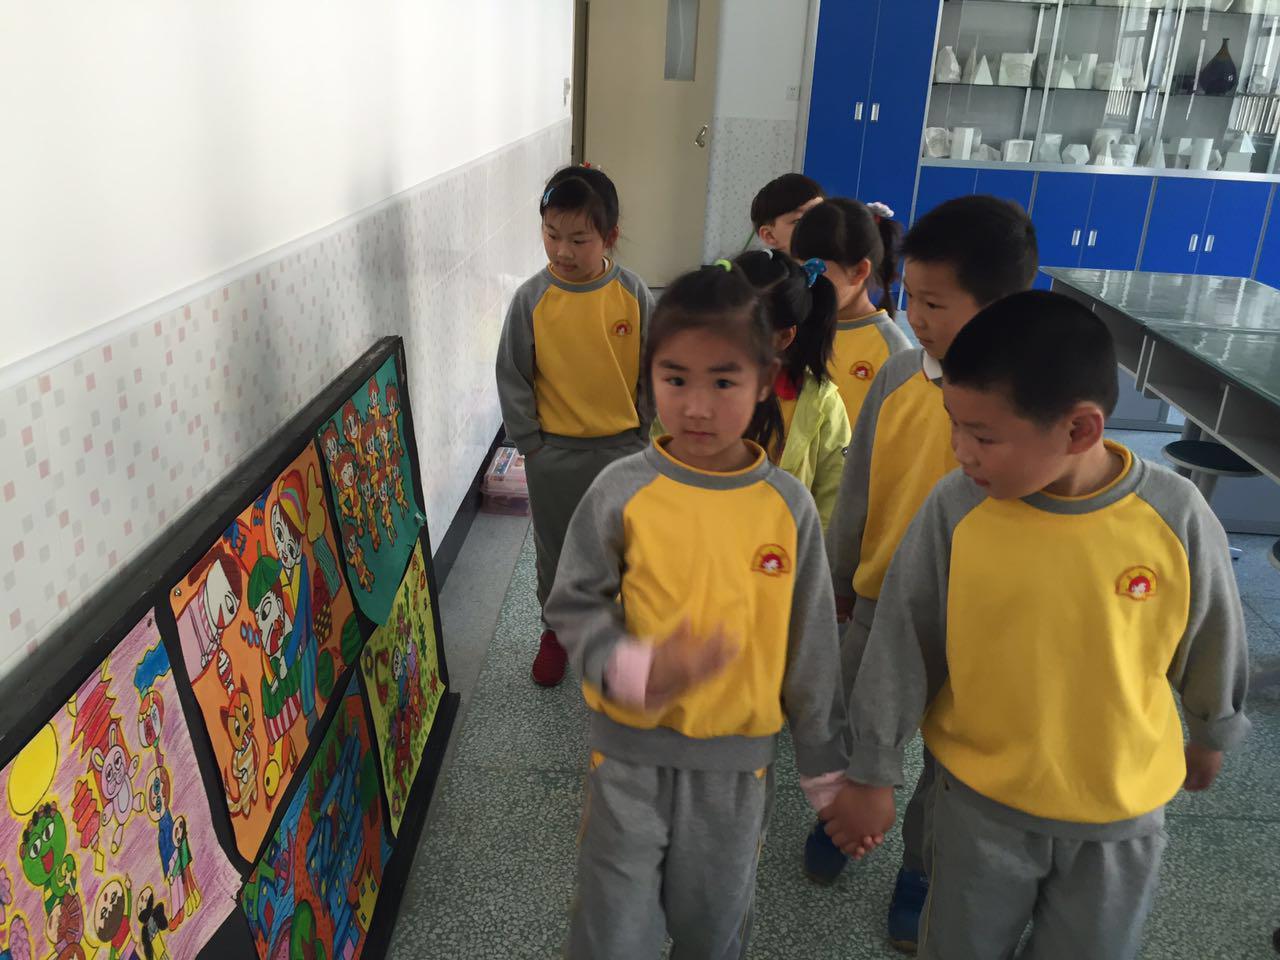 市东幼儿园大班幼儿参观小学活动报道